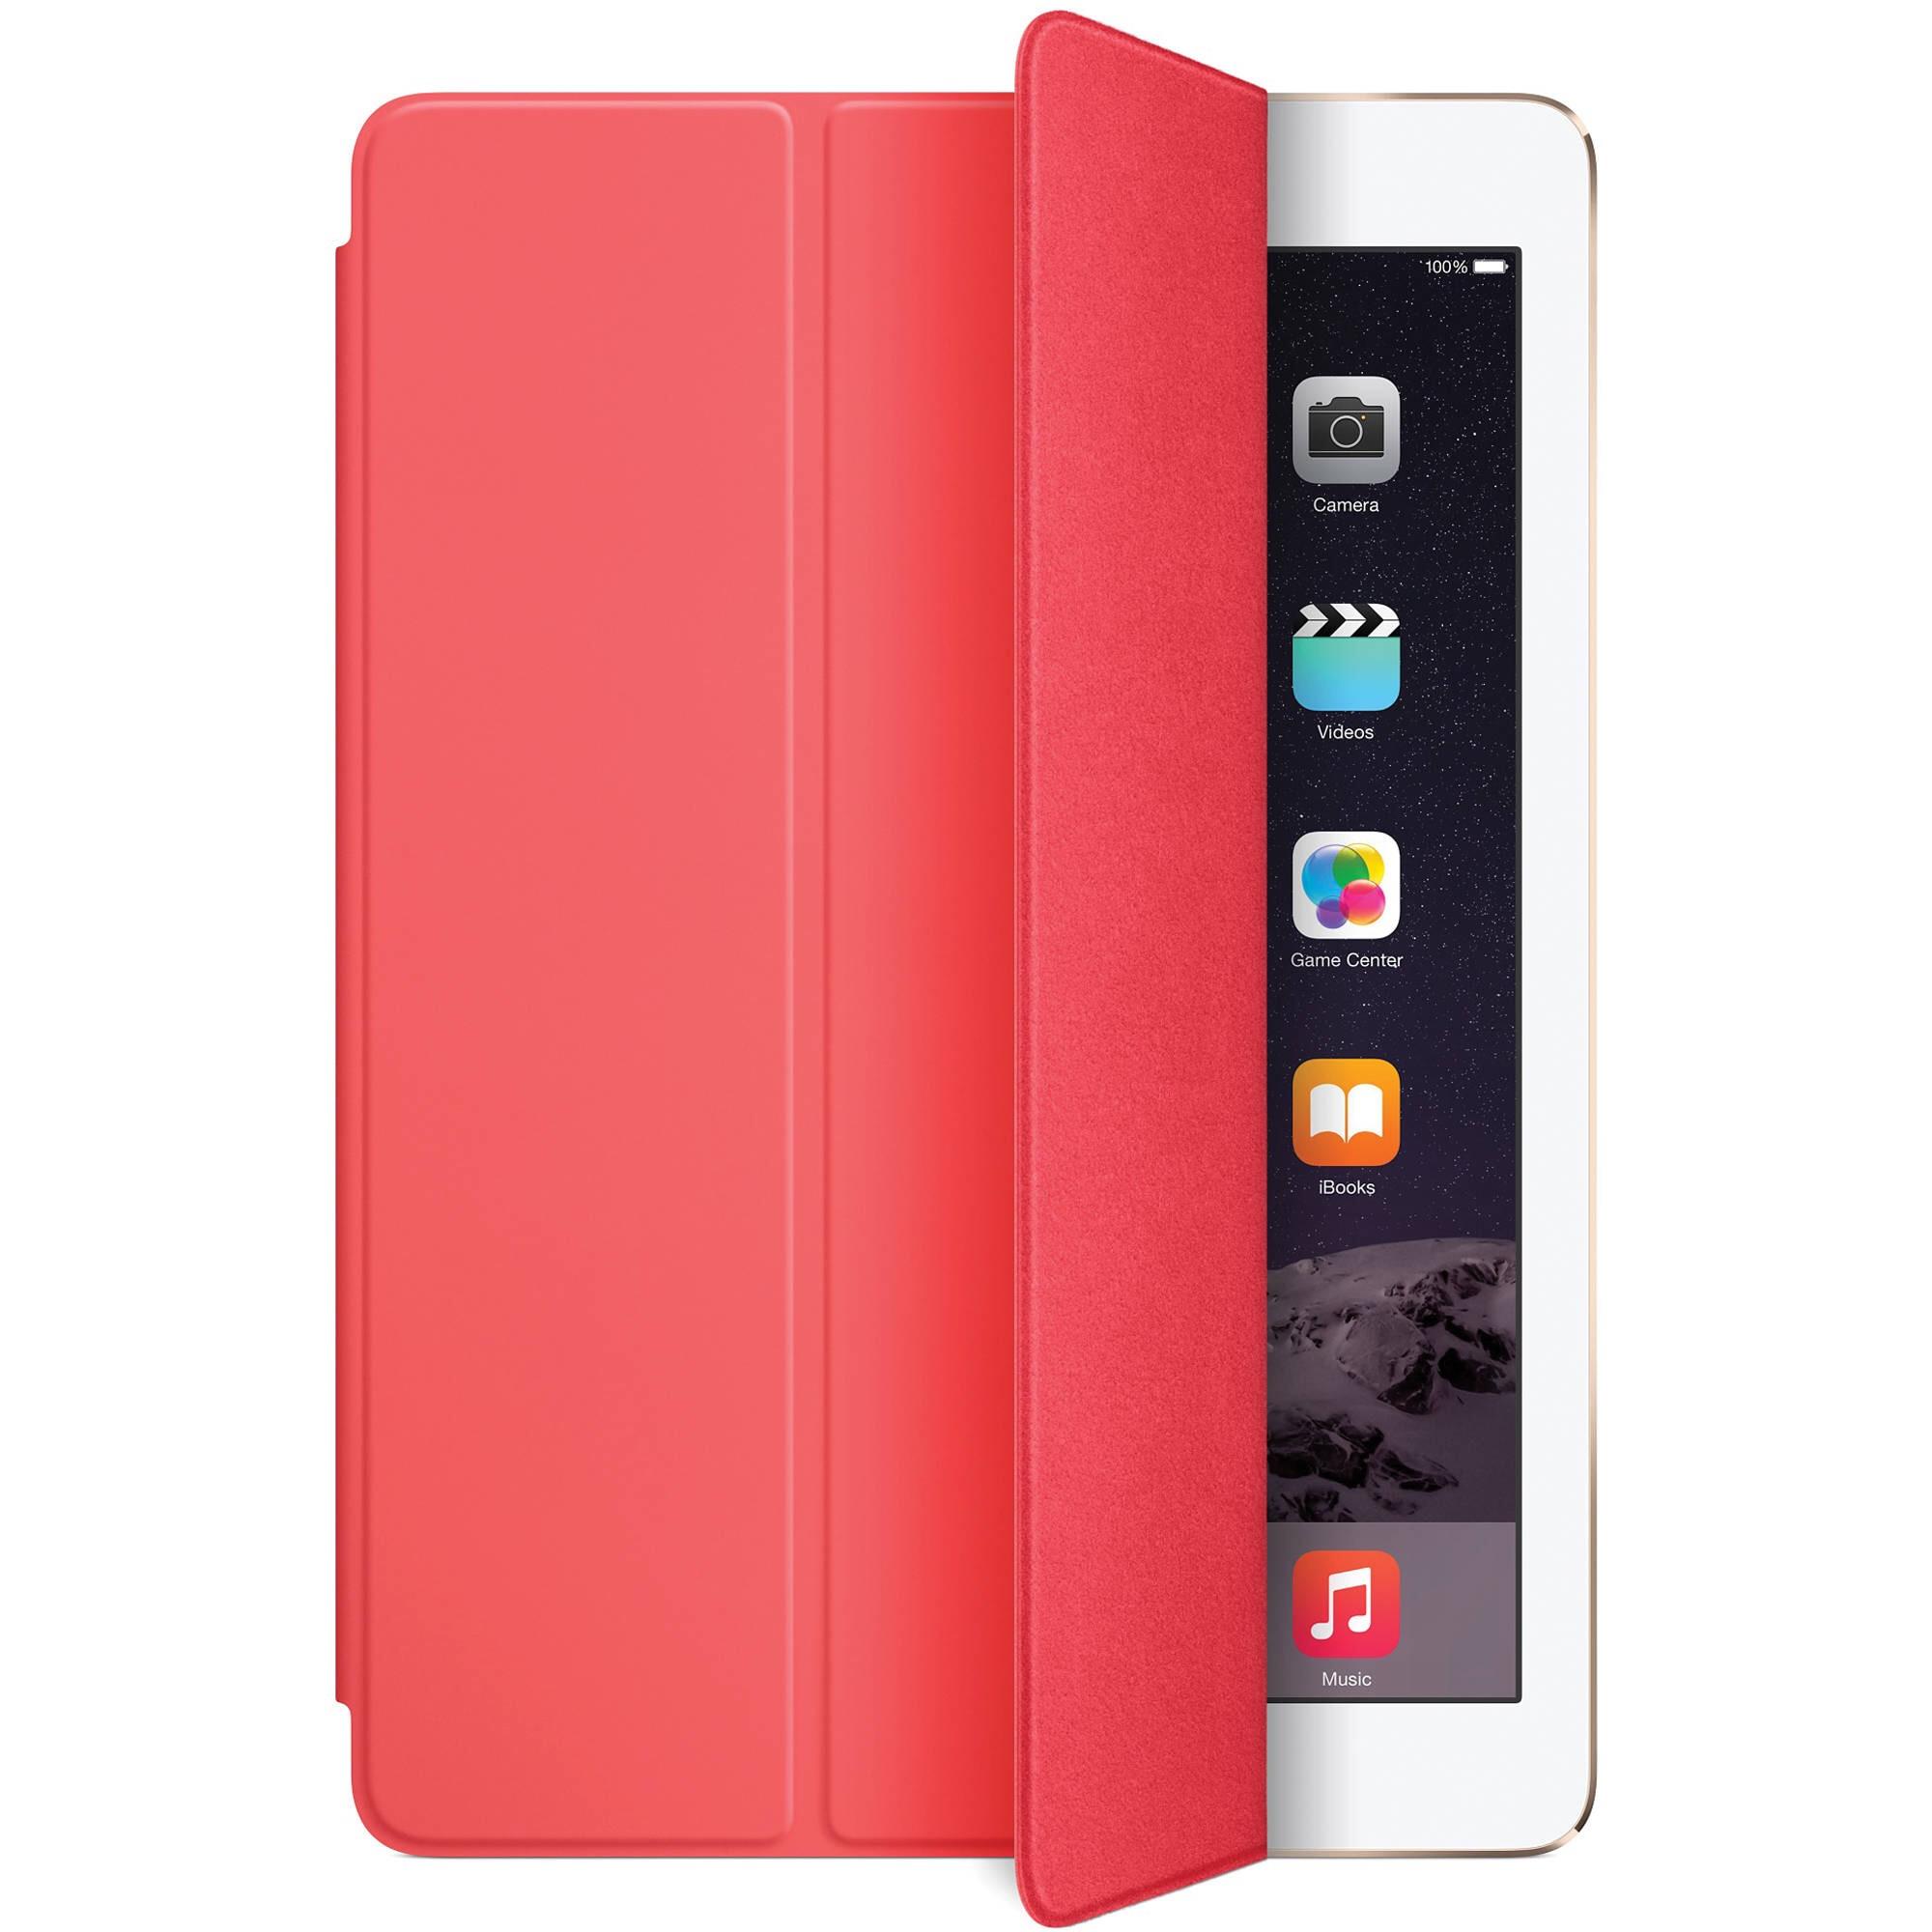 Originele Apple Smartcover Roze beschermhoes voor iPad Air / Air 2